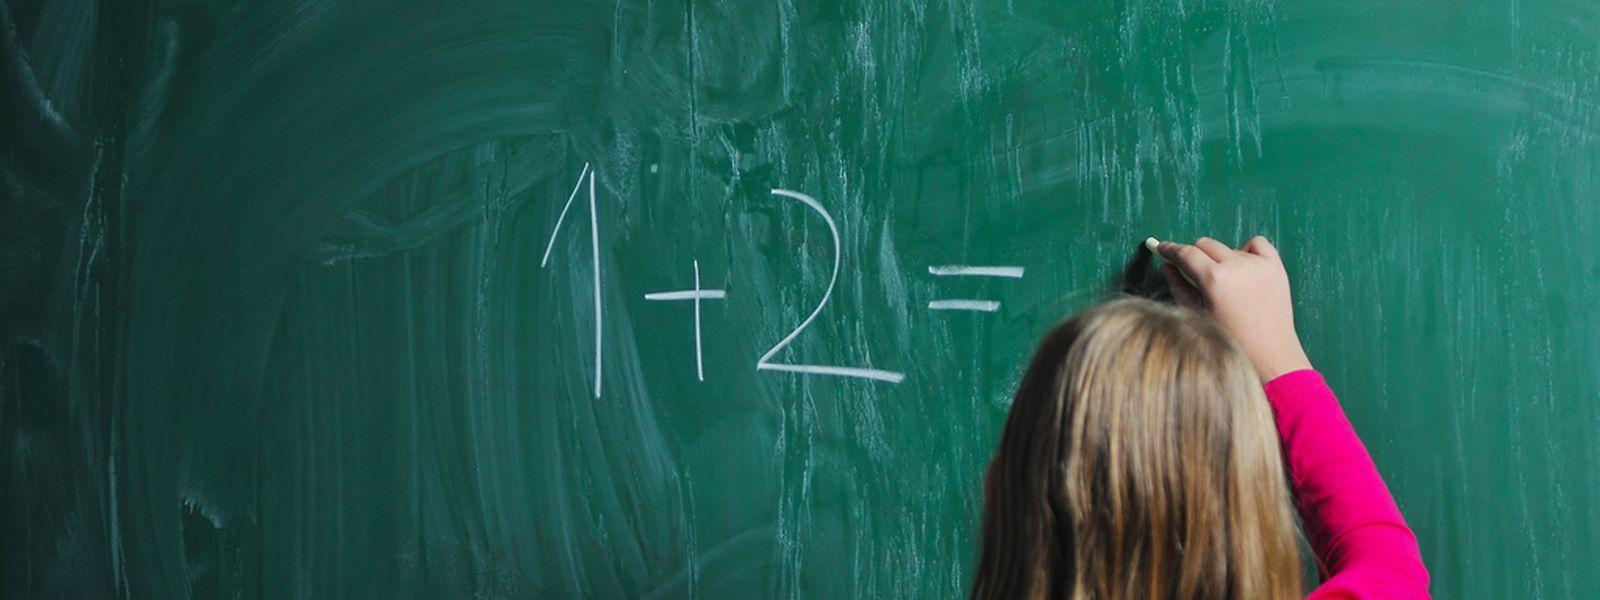 Das Bildungsministerium veröffentlichte einen Bericht zu den Kosten des Bildungssystems aus dem Jahr 2012.